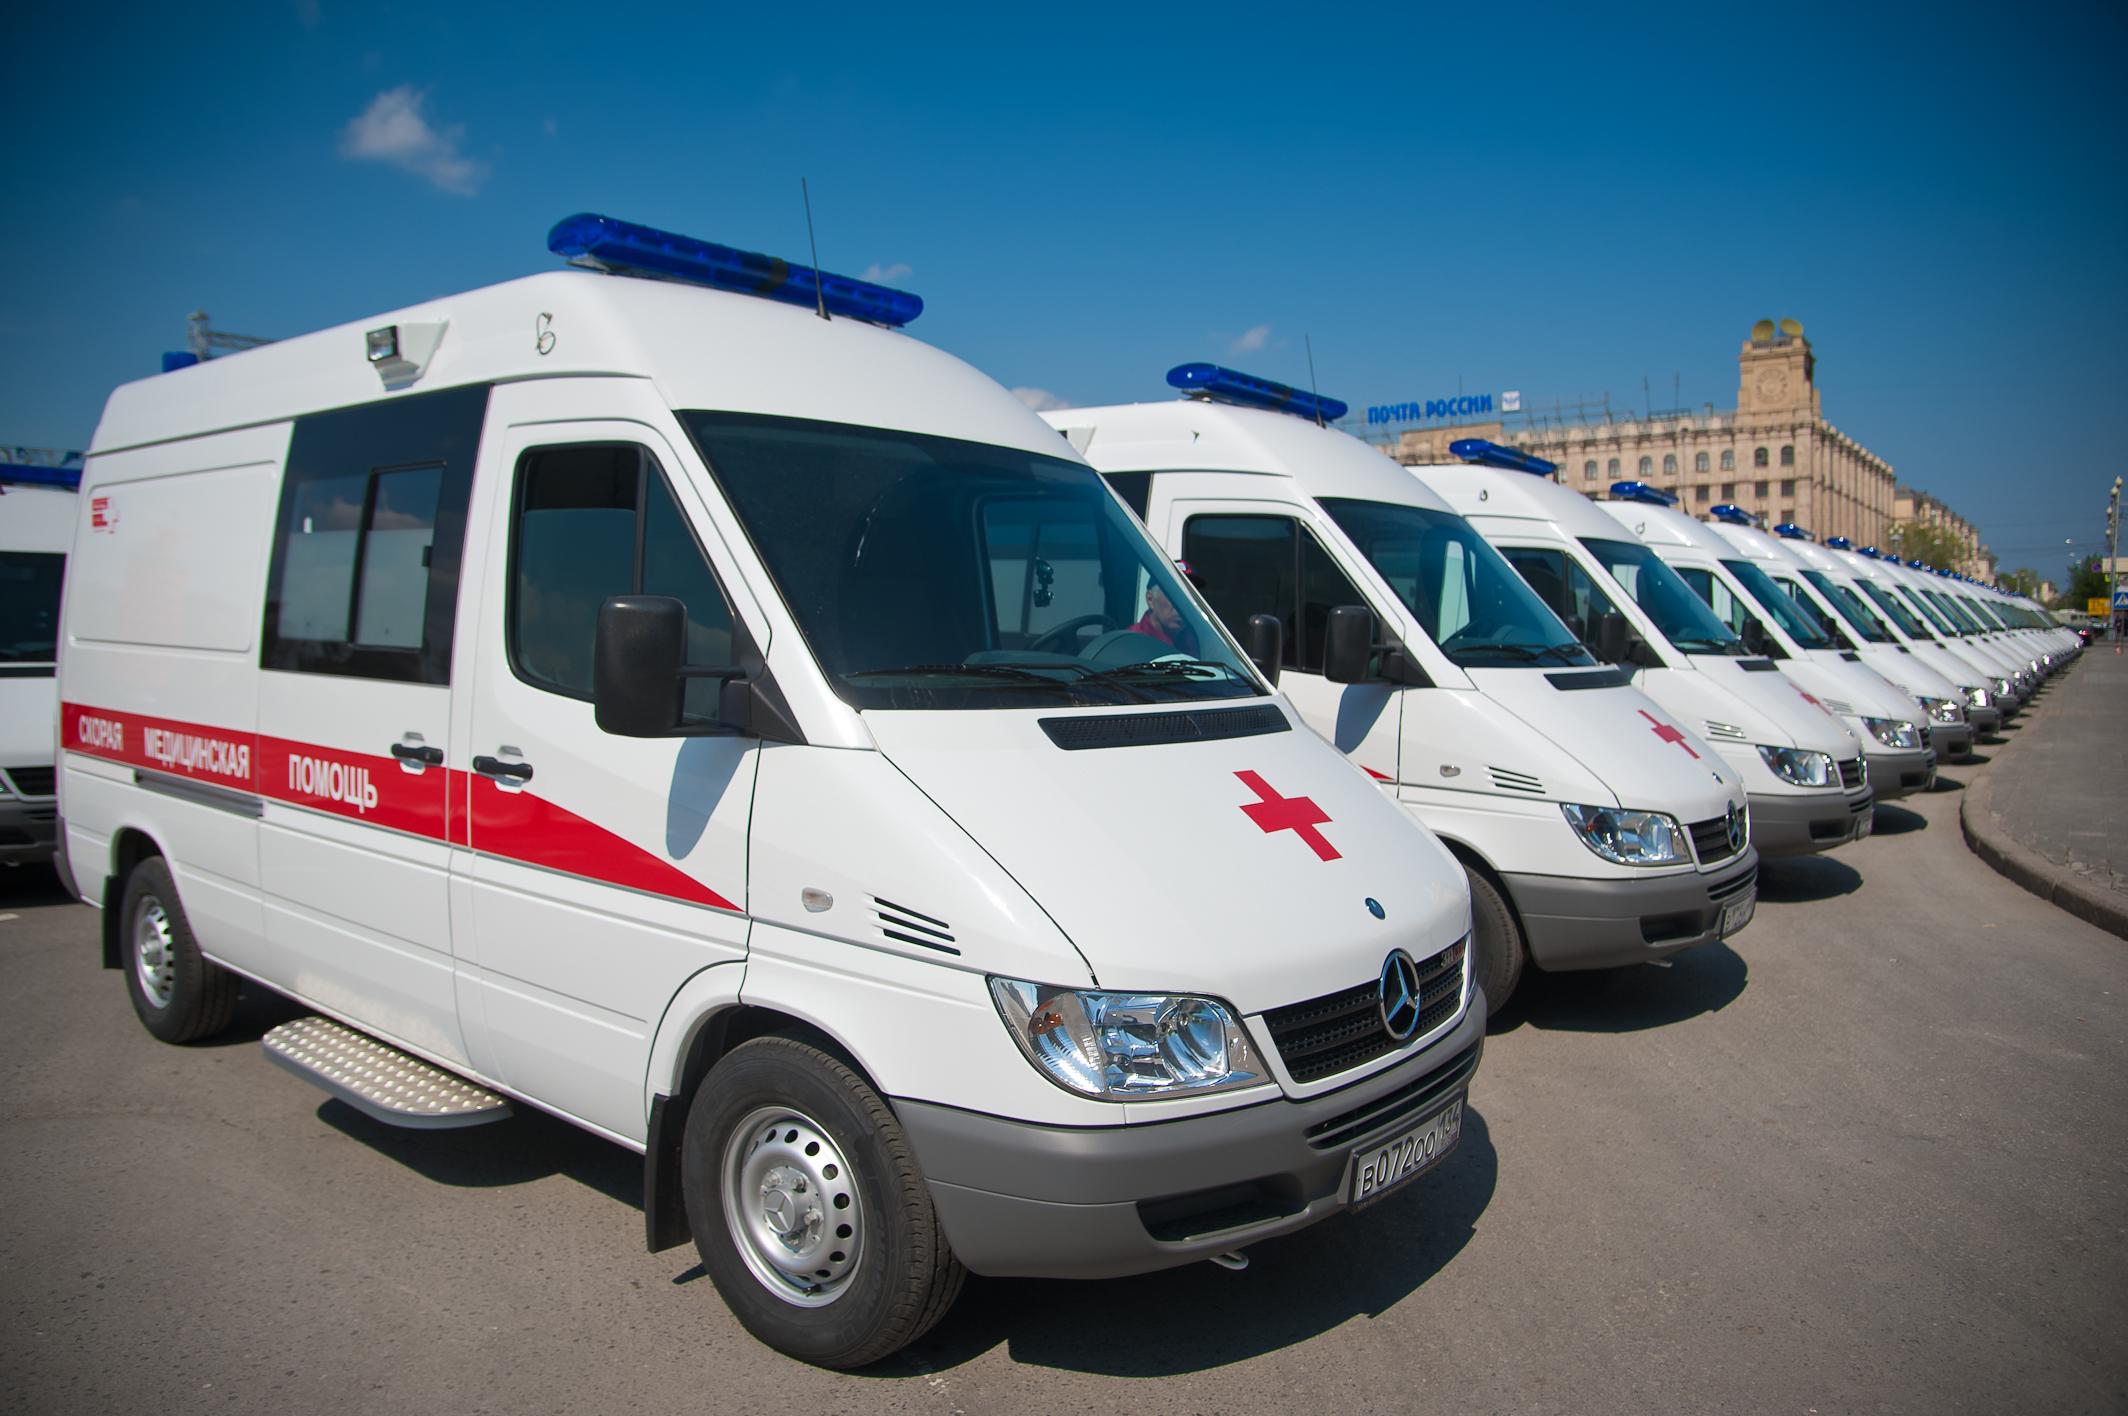 Парк автомобилей реанимобилей Омска обновится в нынешнем 2017-ом на90%